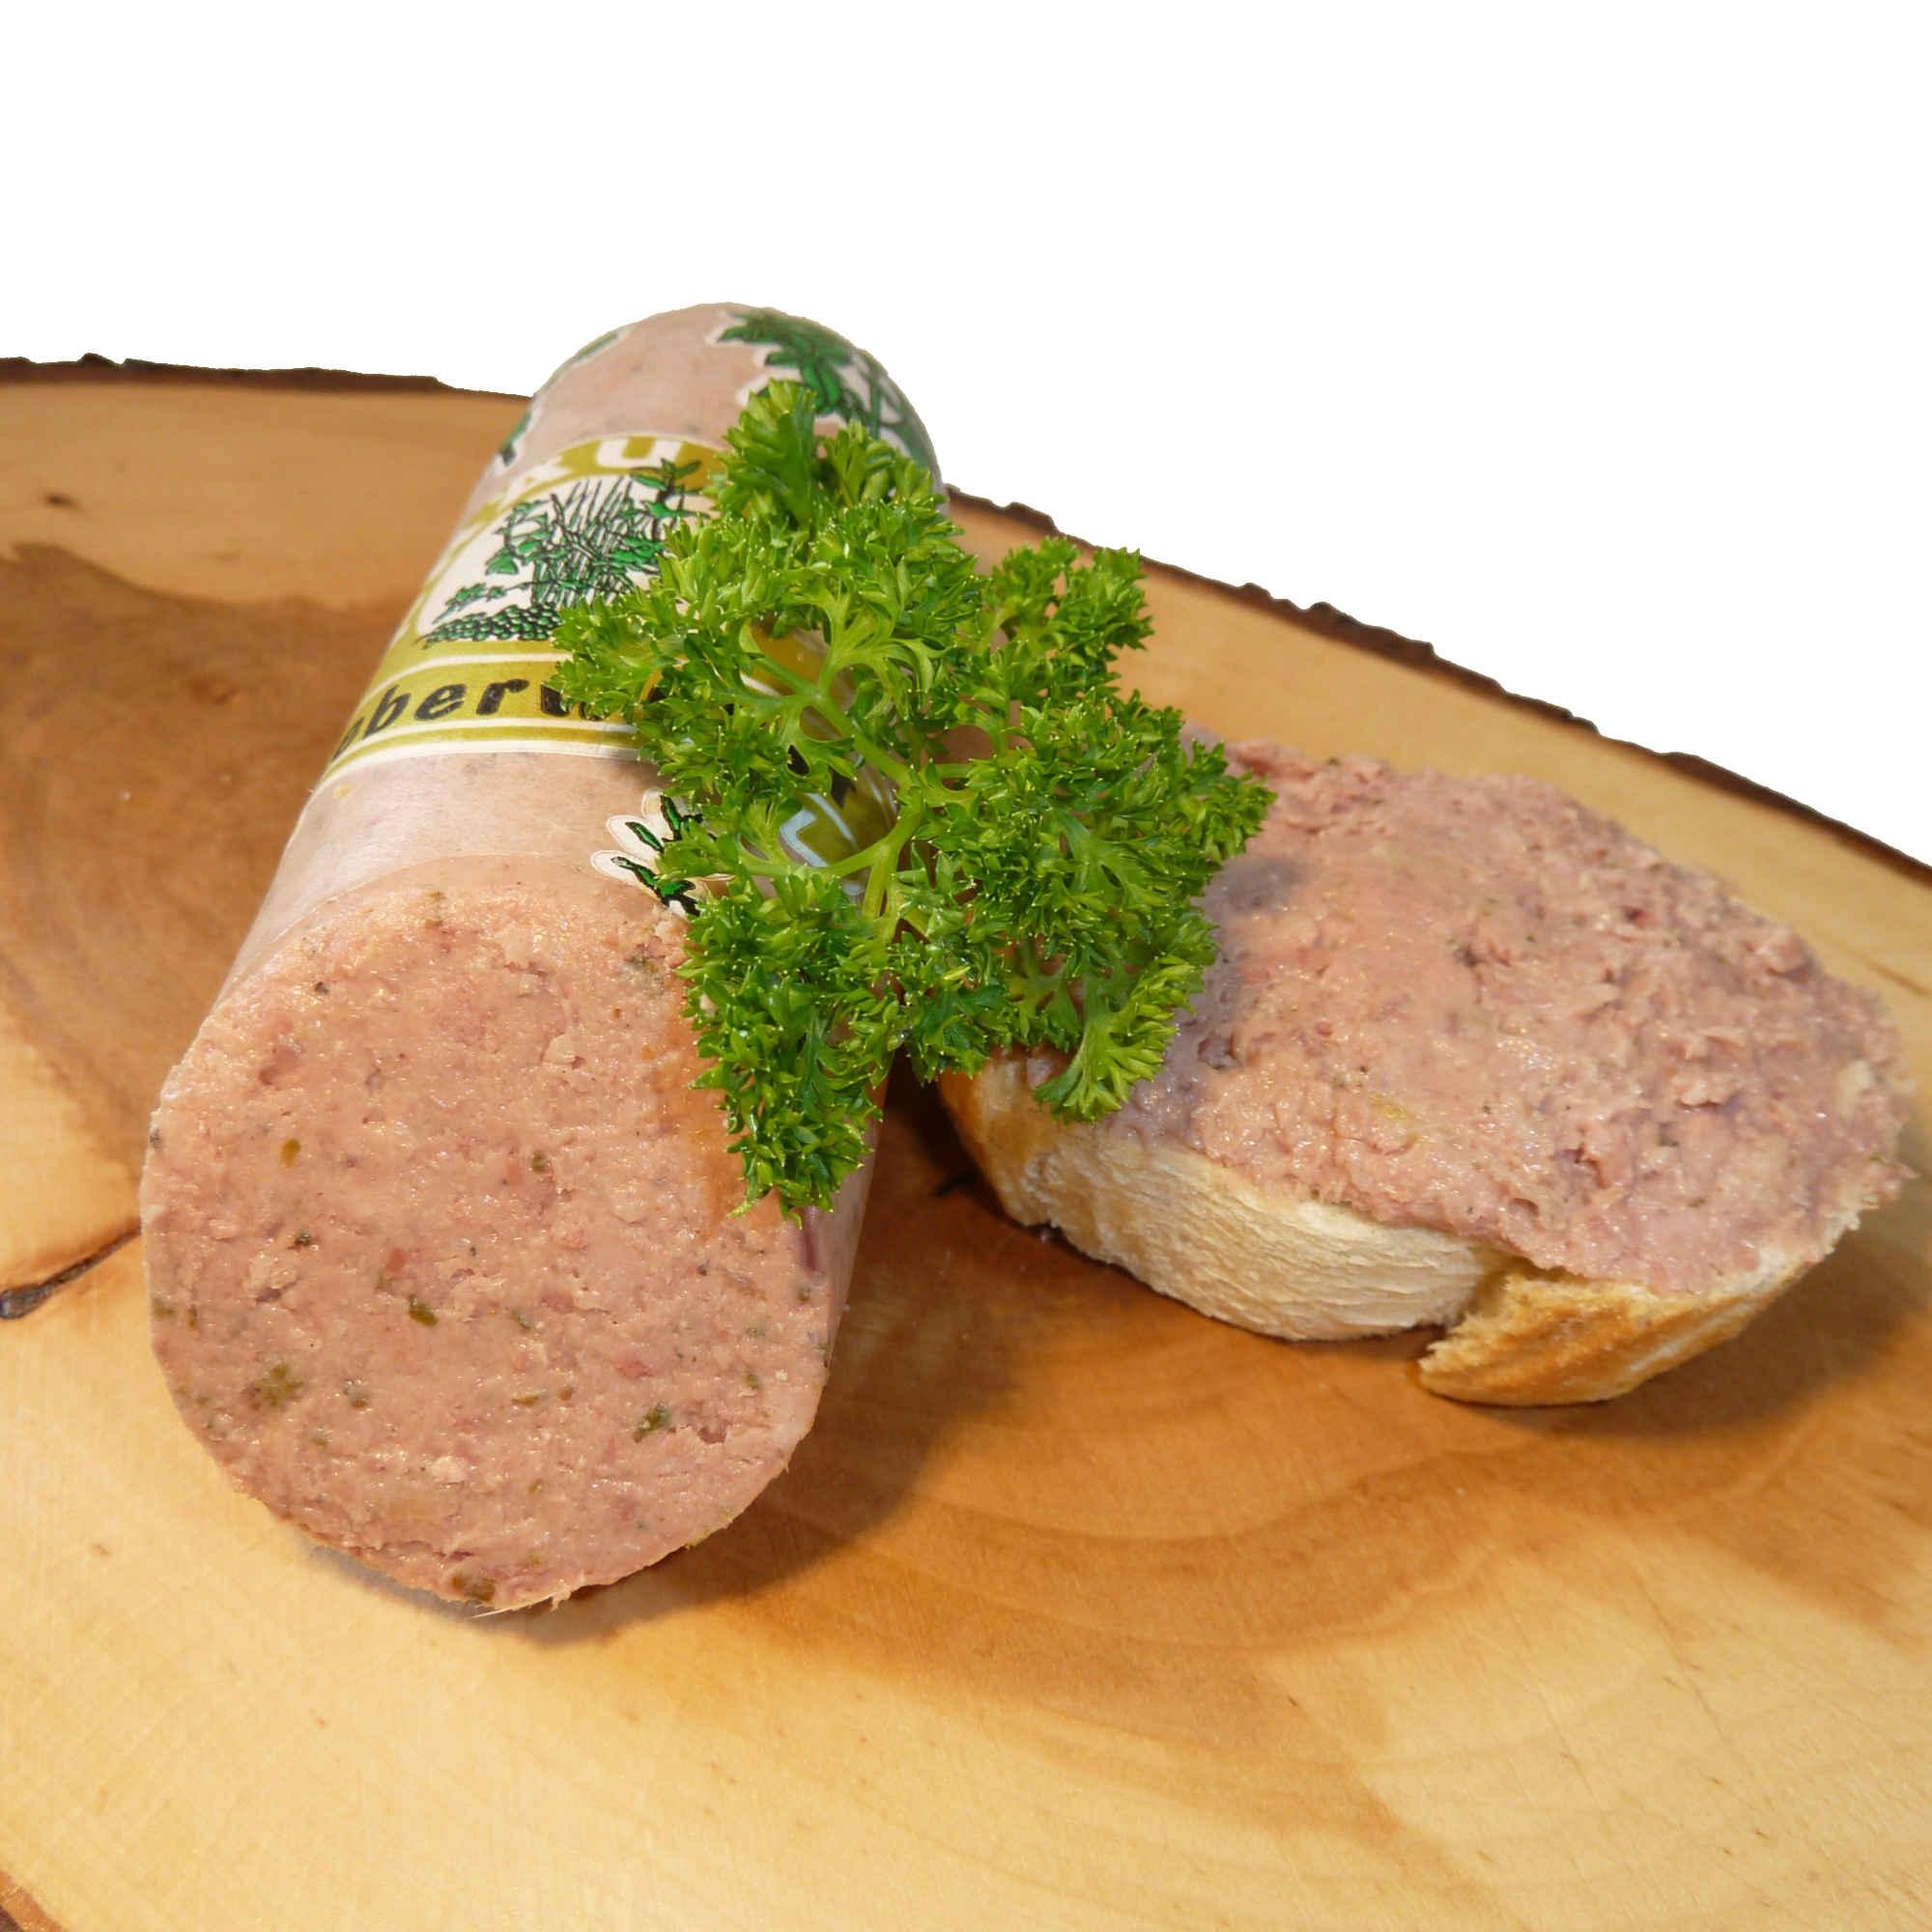 Puten Kräuterleberwurst